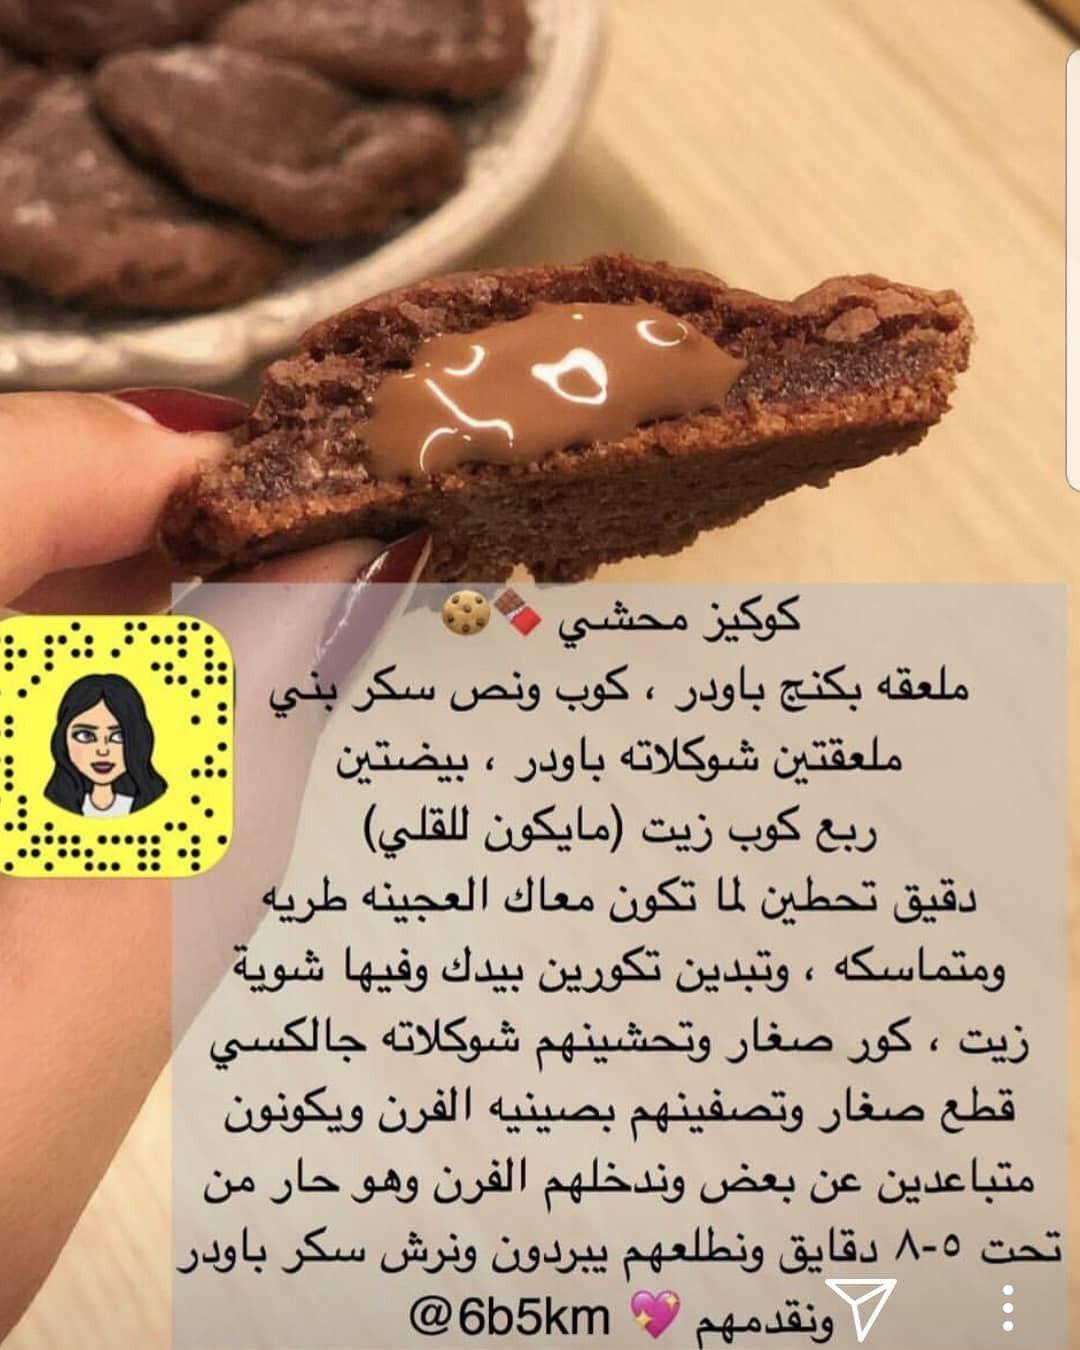 كوكيز محشي Food Drinks Dessert Yummy Food Dessert Fun Baking Recipes